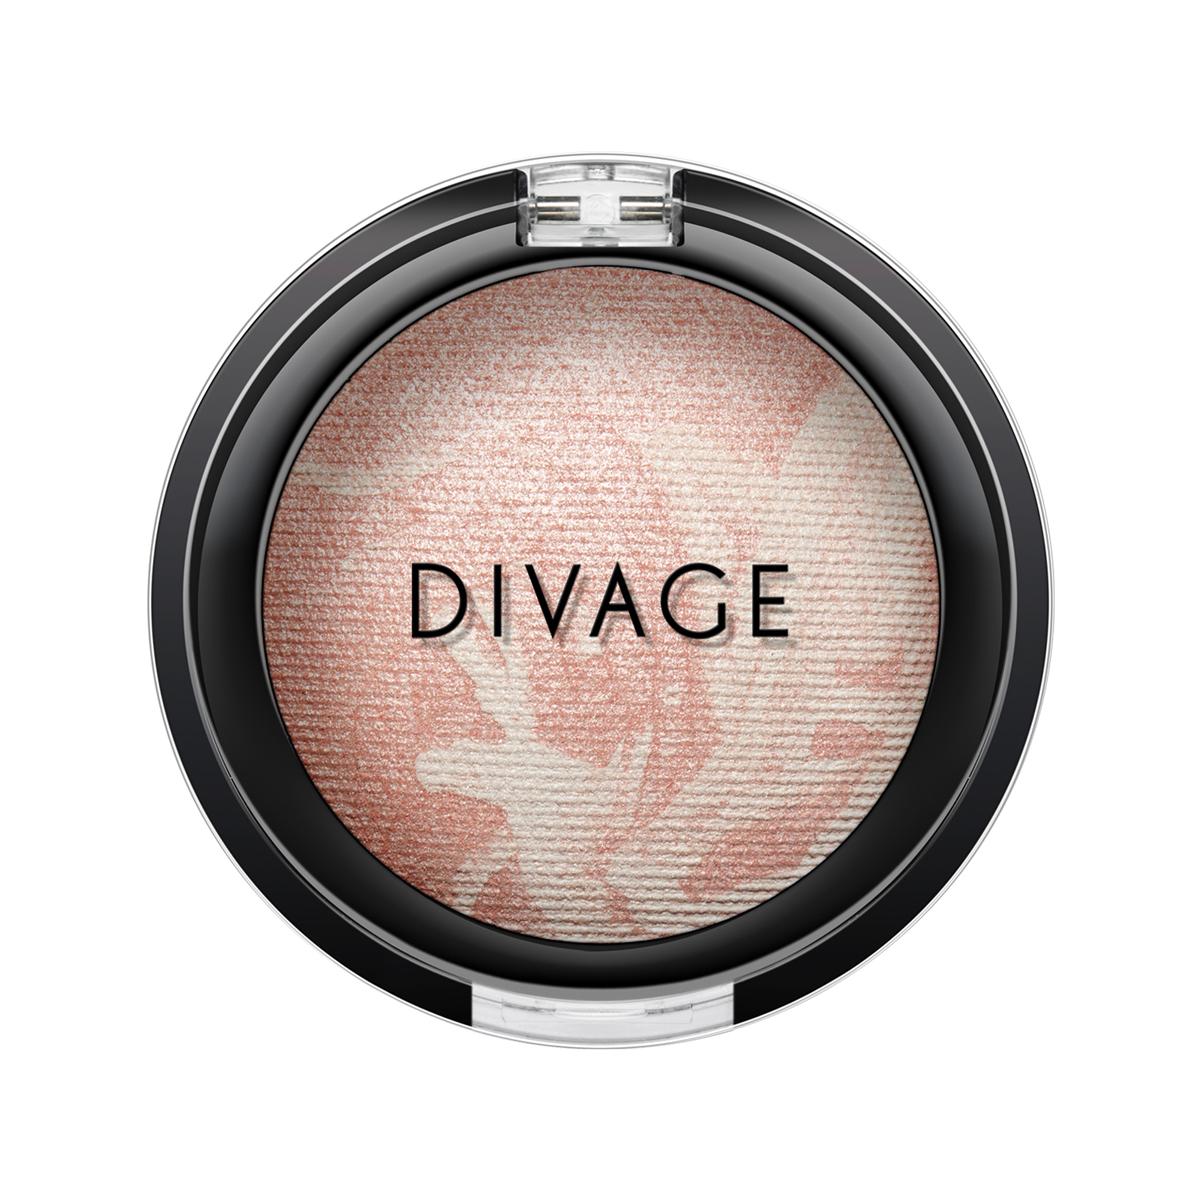 DIVAGE Запечённые тени для век COLOUR SPHERE, тон № 19, 3 гр.02-1159-000009Энергия цвета для вашего макияжа. Трёхцветные мраморные оттенки с восхитительным блеском! Миксовые цвета при нанесении раскрываются богатой палитрой, подчёркивая выразительность взгляда. Мягкая микро-пудра, входящая в состав теней, увеличивает стойкость, что позволяет макияжу сохраняться в течение всего дня, не осыпаясь и не размазываясь. Тени можно наносить как сухим аппликатором для создания нежного сияния, так и влажным методом для придания макияжу яркого металлического блеска. Высокая концентрация цветовых пигментов помогает оставаться цвету насыщенным даже спустя 8 часов. Энергия цвета заряжает на весь день с тенями COLOUR SPHERE от DIVAGE! СОВЕТ DIVAGE: Используя тени для макияжа глаз от DIVAGE, ты легко можешь меняться каждый день, создавая различные образы. Но как выбрать свой оттенок в таком многообразии? Выбирай контрастные оттенки теней к твоему цвету глаз. Карие глаза хорошо подчеркнут зелёные и фиолетовые оттенки, все оттенки коричневого придадут выразительности зелёным...